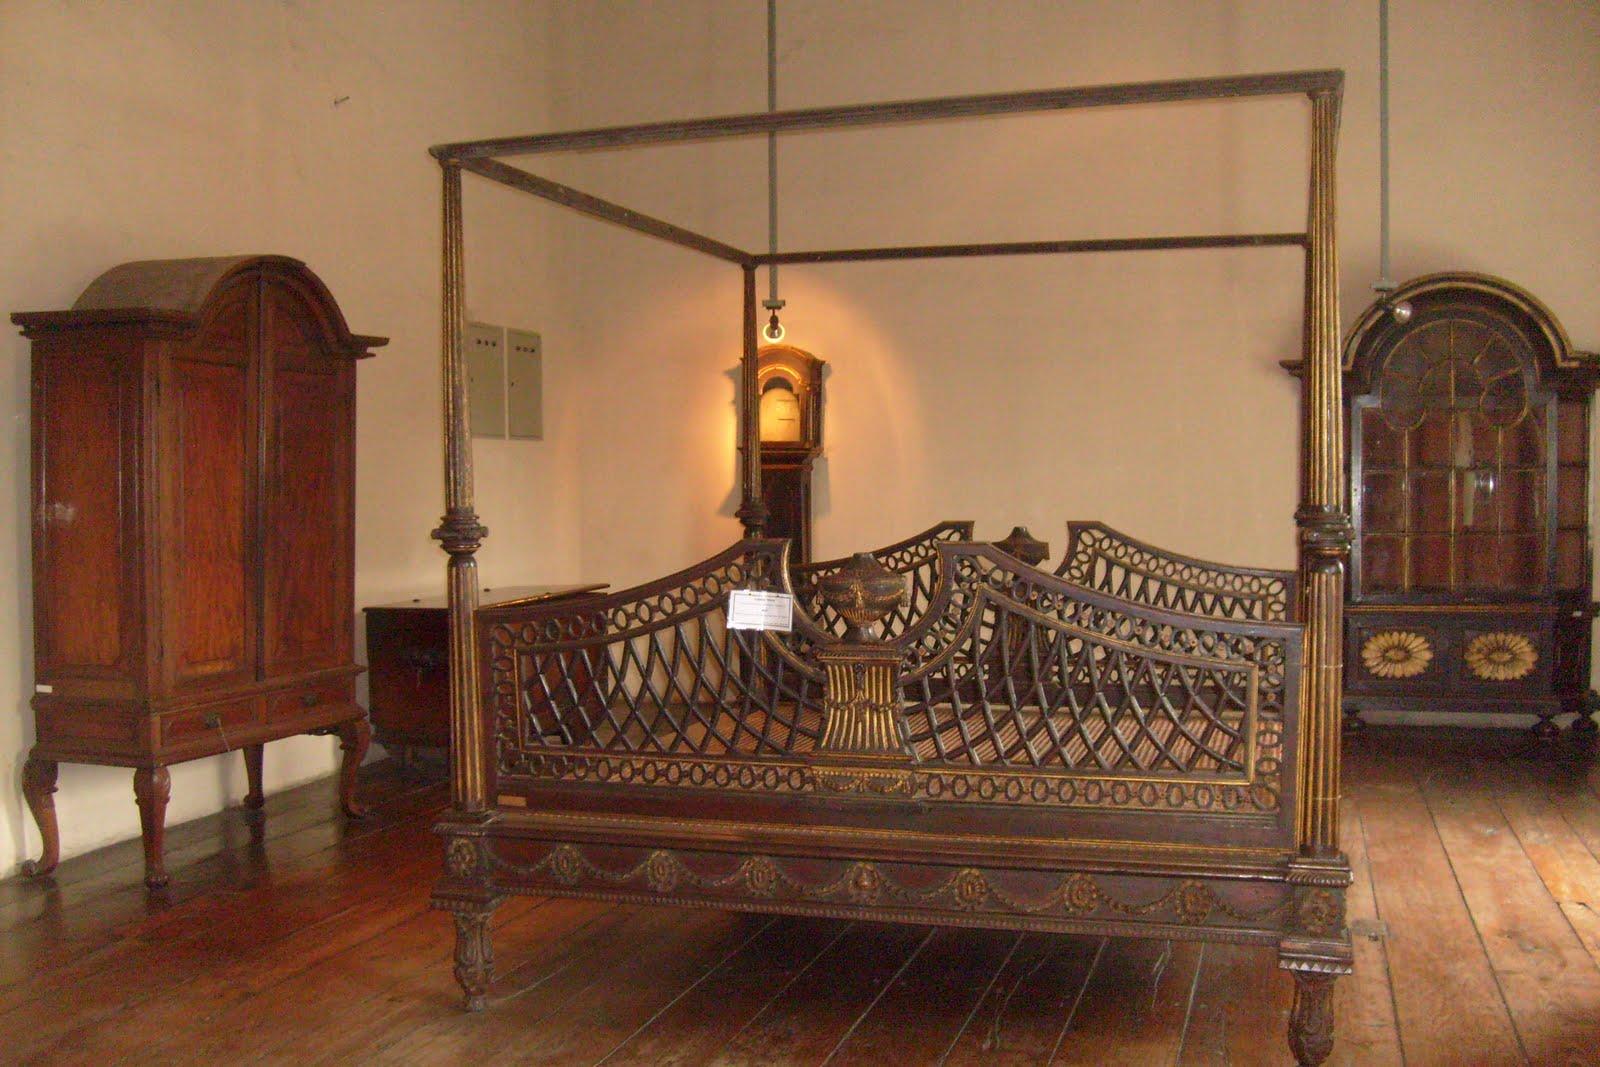 Humaniora Sejarah dan KoleksiKoleksi Museum Fatahillah